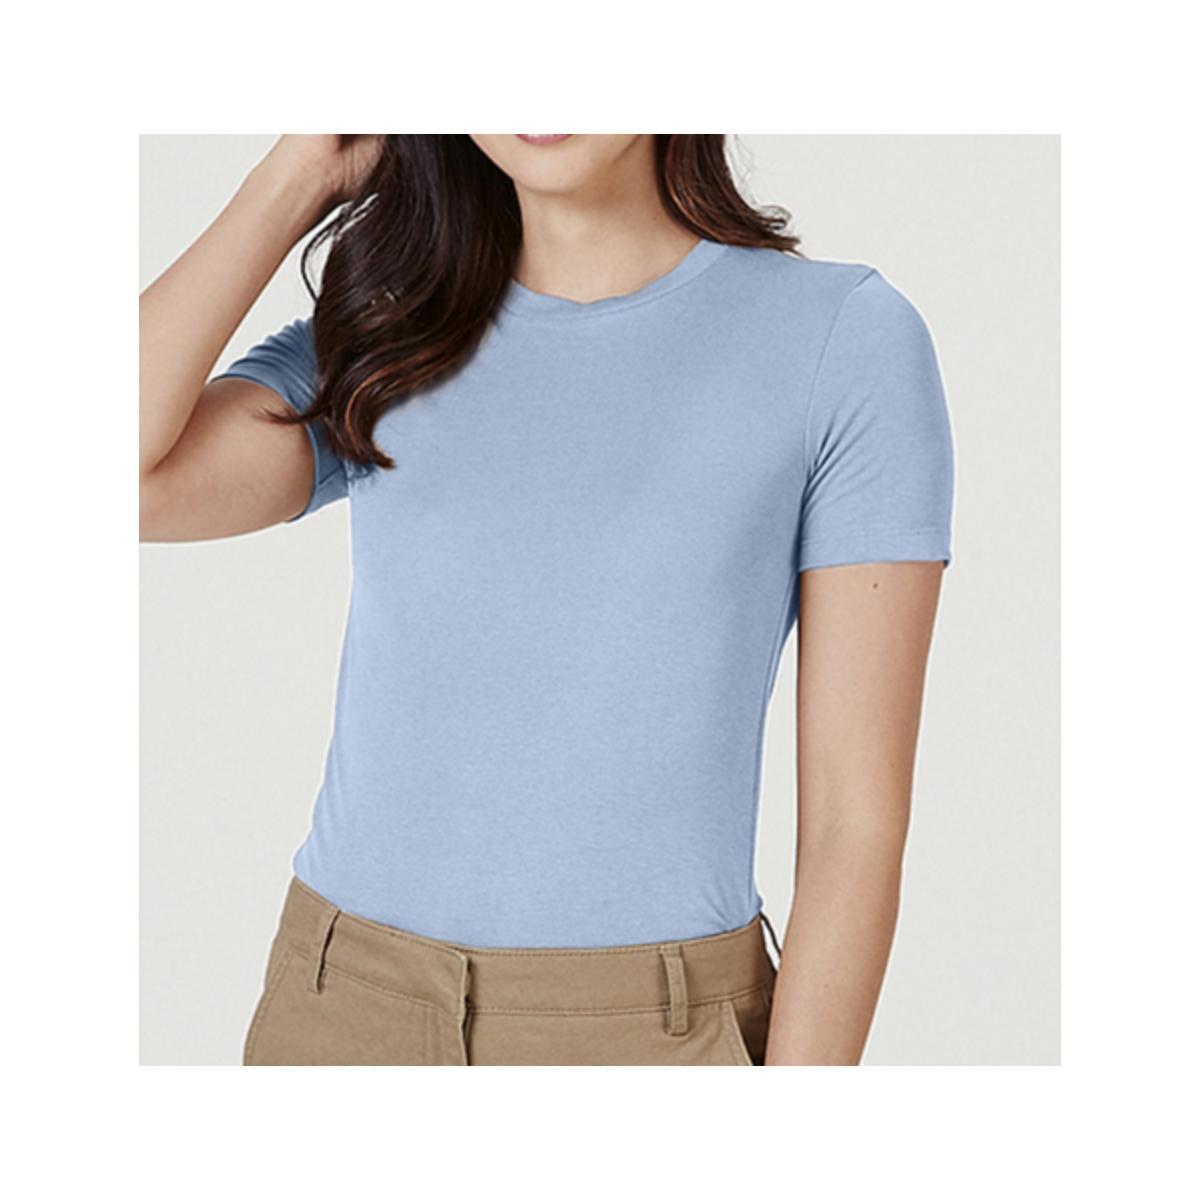 Blusa Feminina Hering 4f4l Az8en Azul